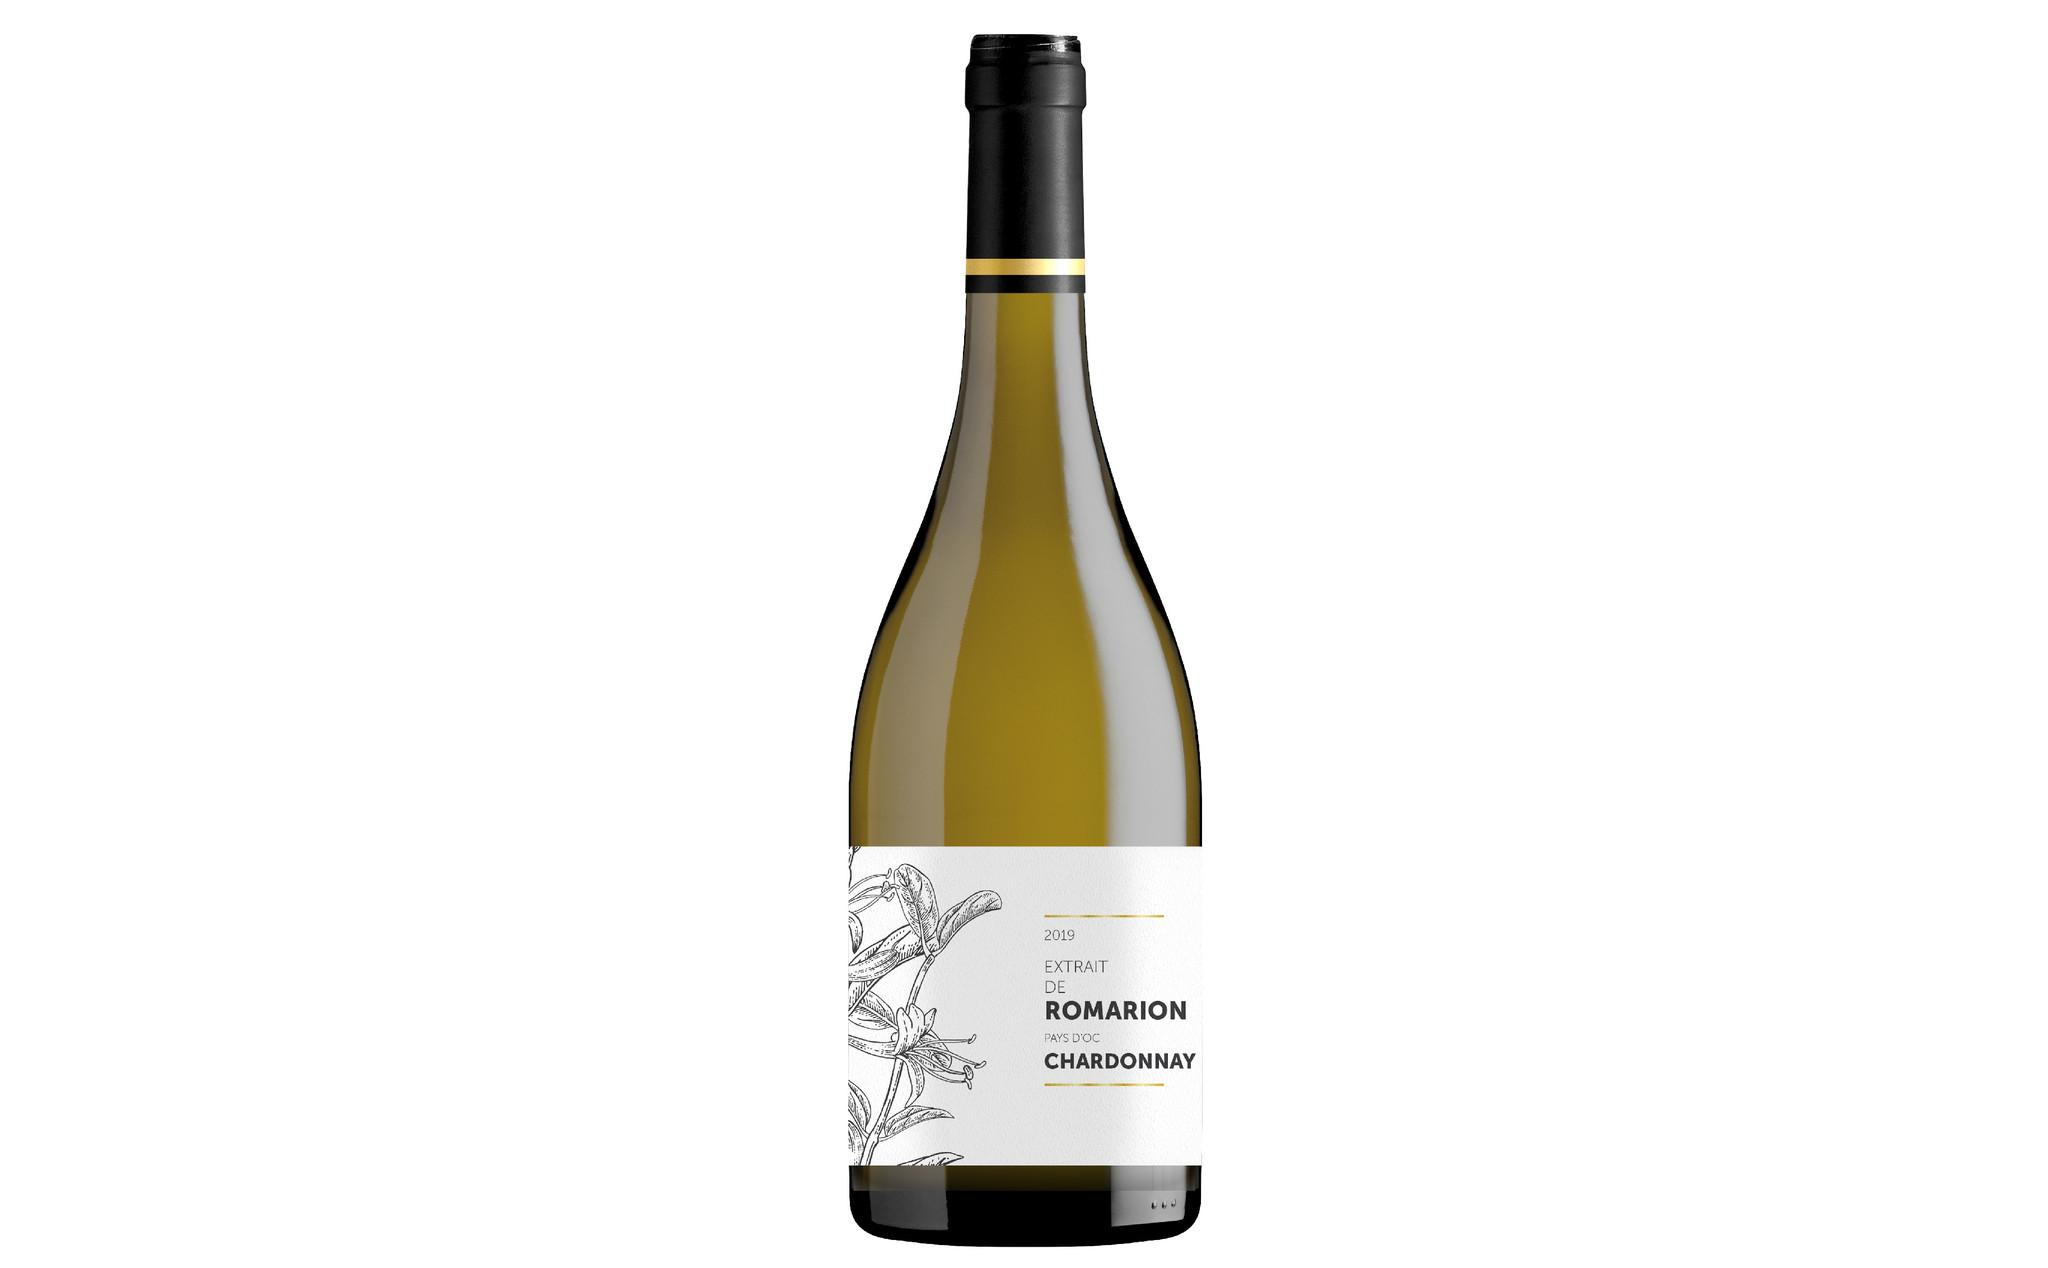 Foncalieu Extrait de Romarion Chardonnay